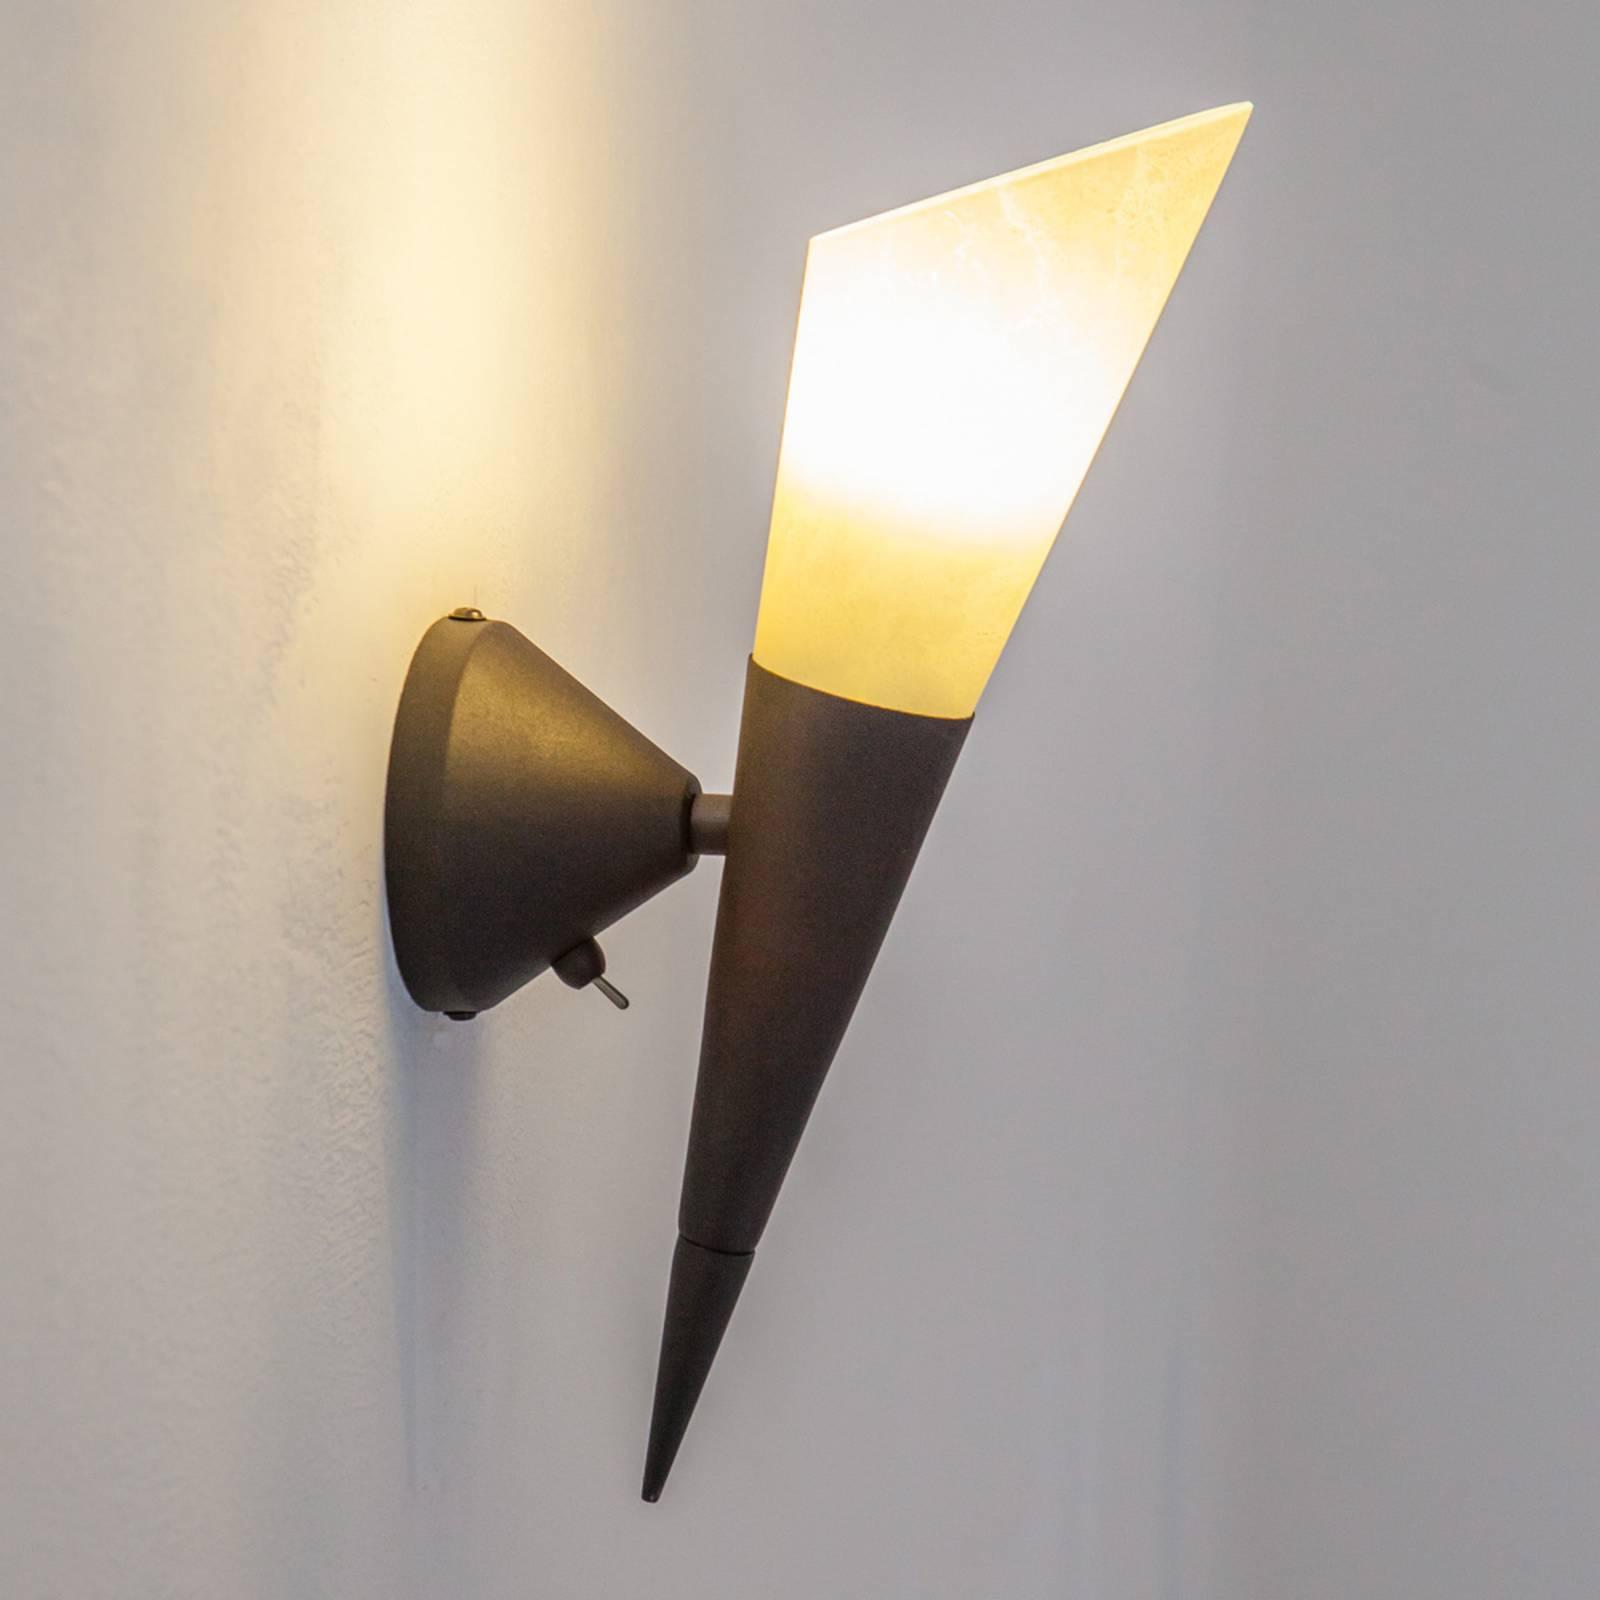 Seinävalaisin Alva E14-LED-lampulla